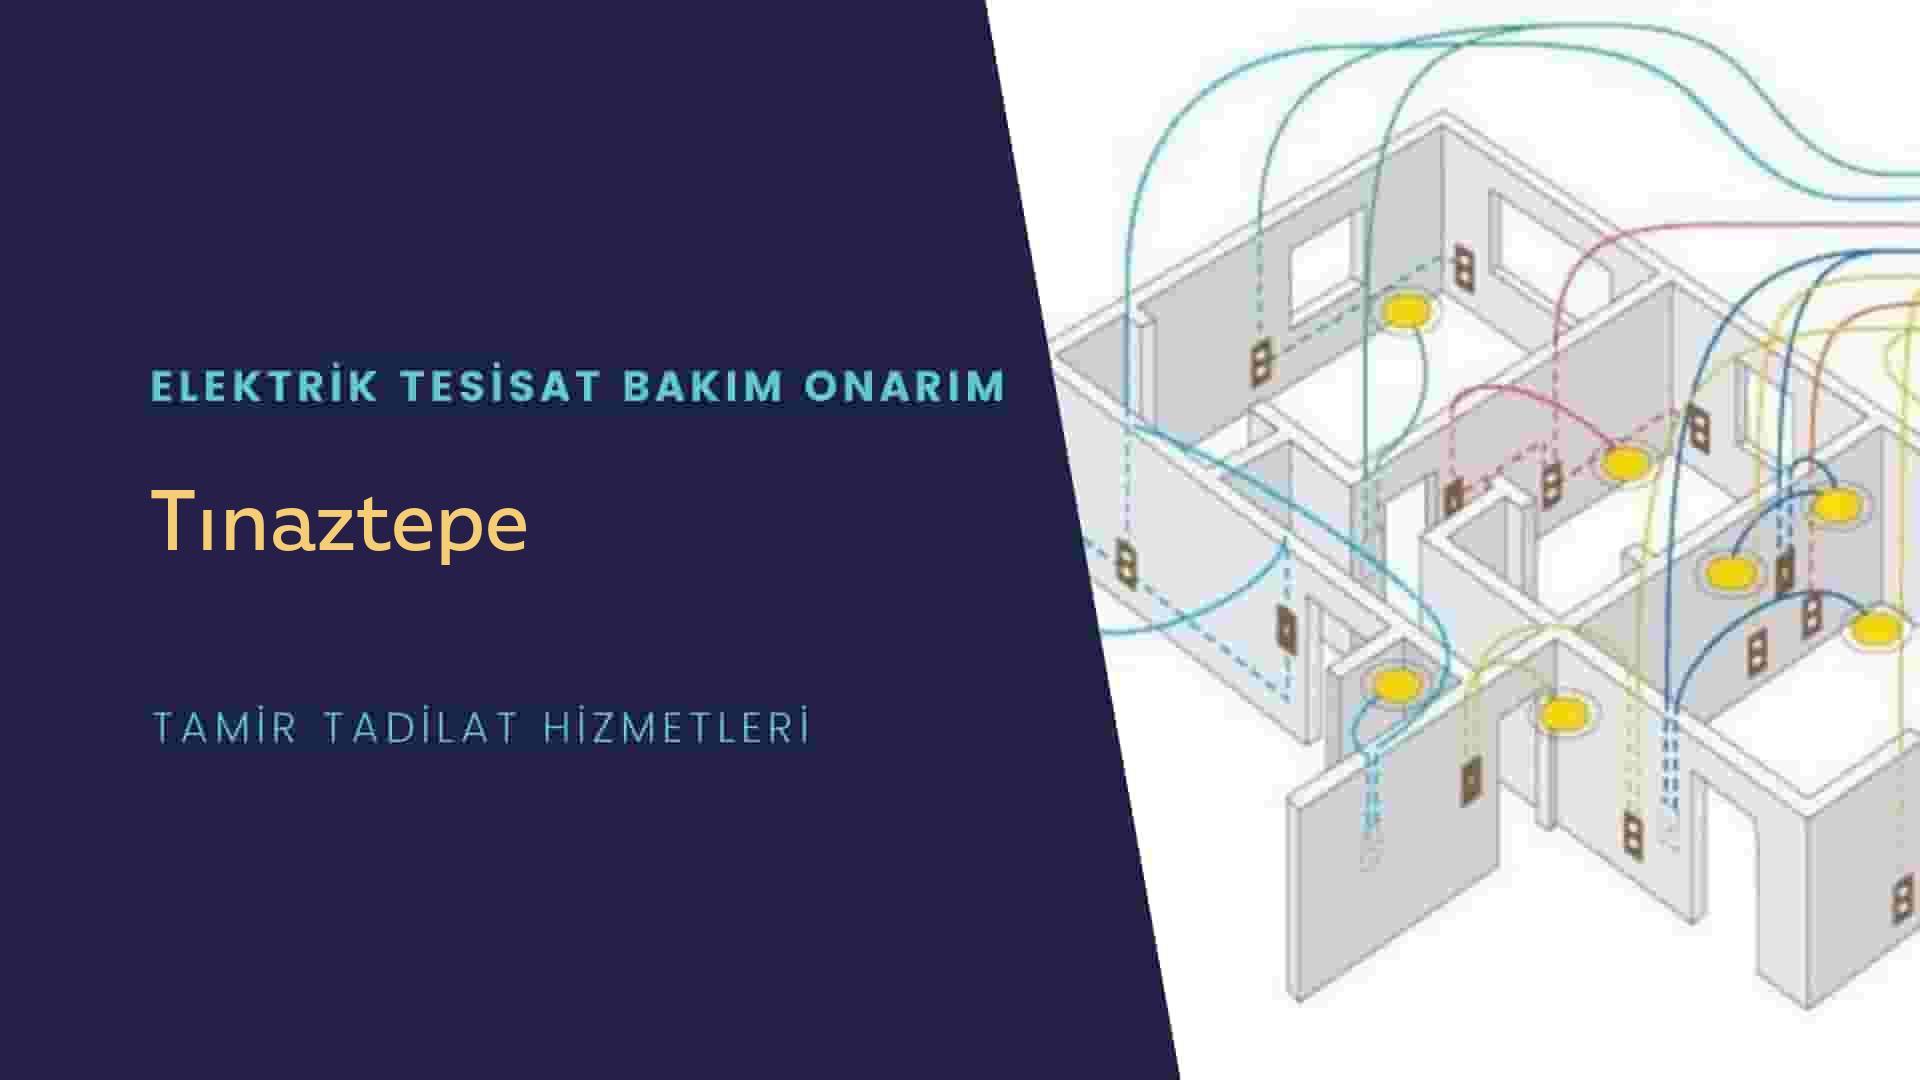 Tınaztepe'de elektrik tesisatıustalarımı arıyorsunuz doğru adrestenizi Tınaztepe elektrik tesisatı ustalarımız 7/24 sizlere hizmet vermekten mutluluk duyar.